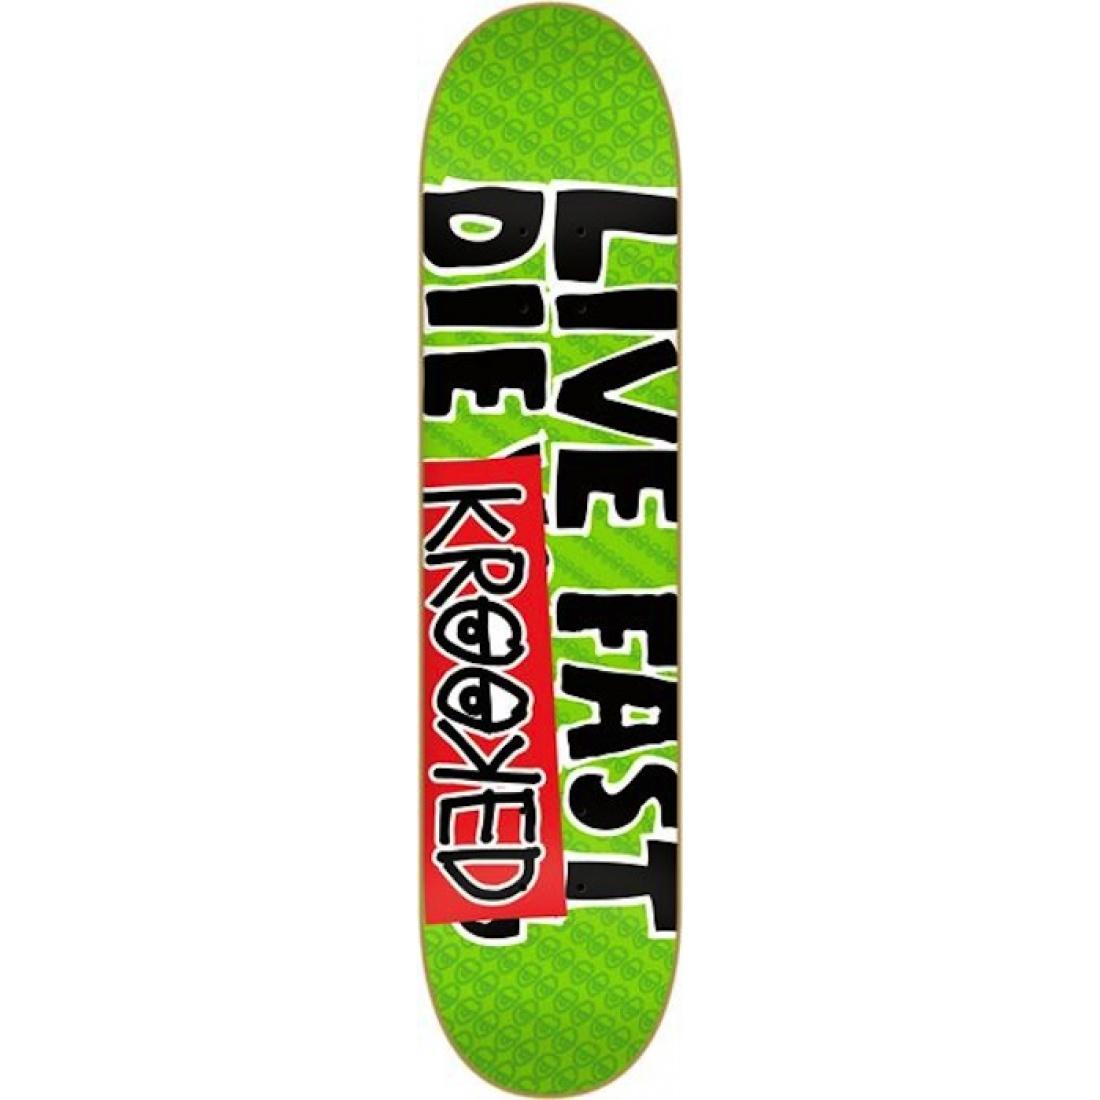 KR-Live Fast Large 8.4 Deck